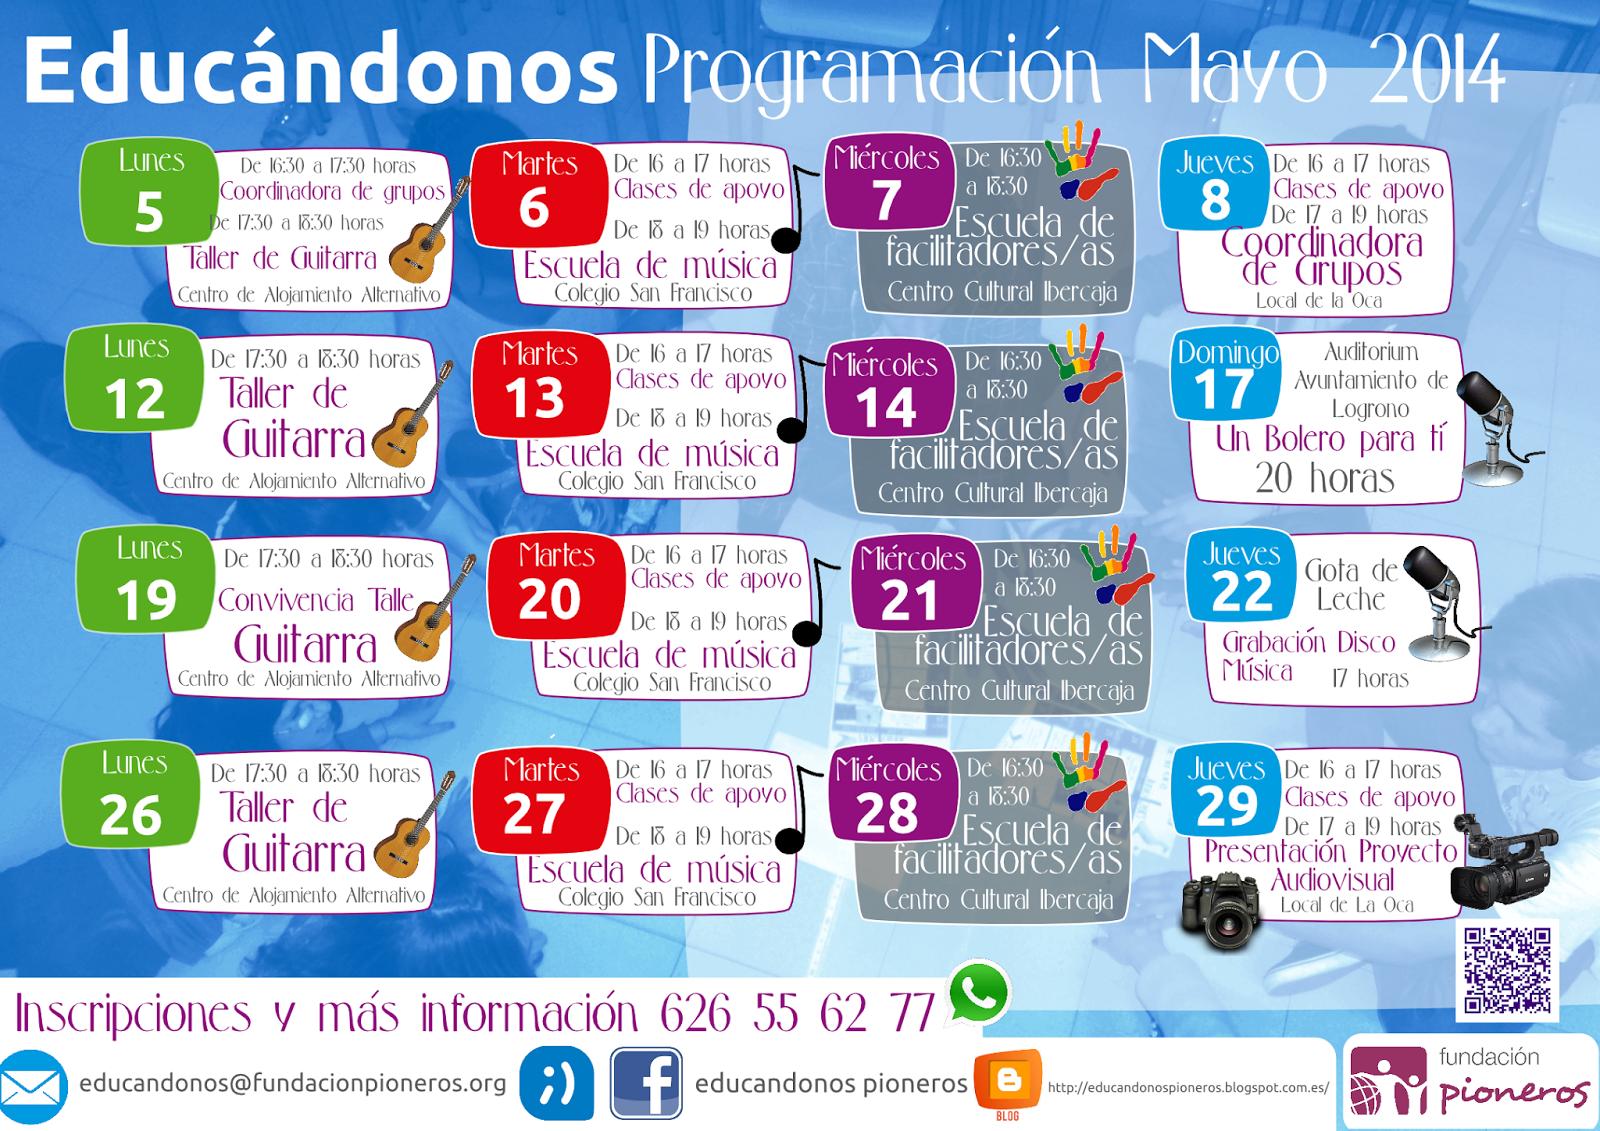 programación-mensual-educandonos-Mayo-2014-página001